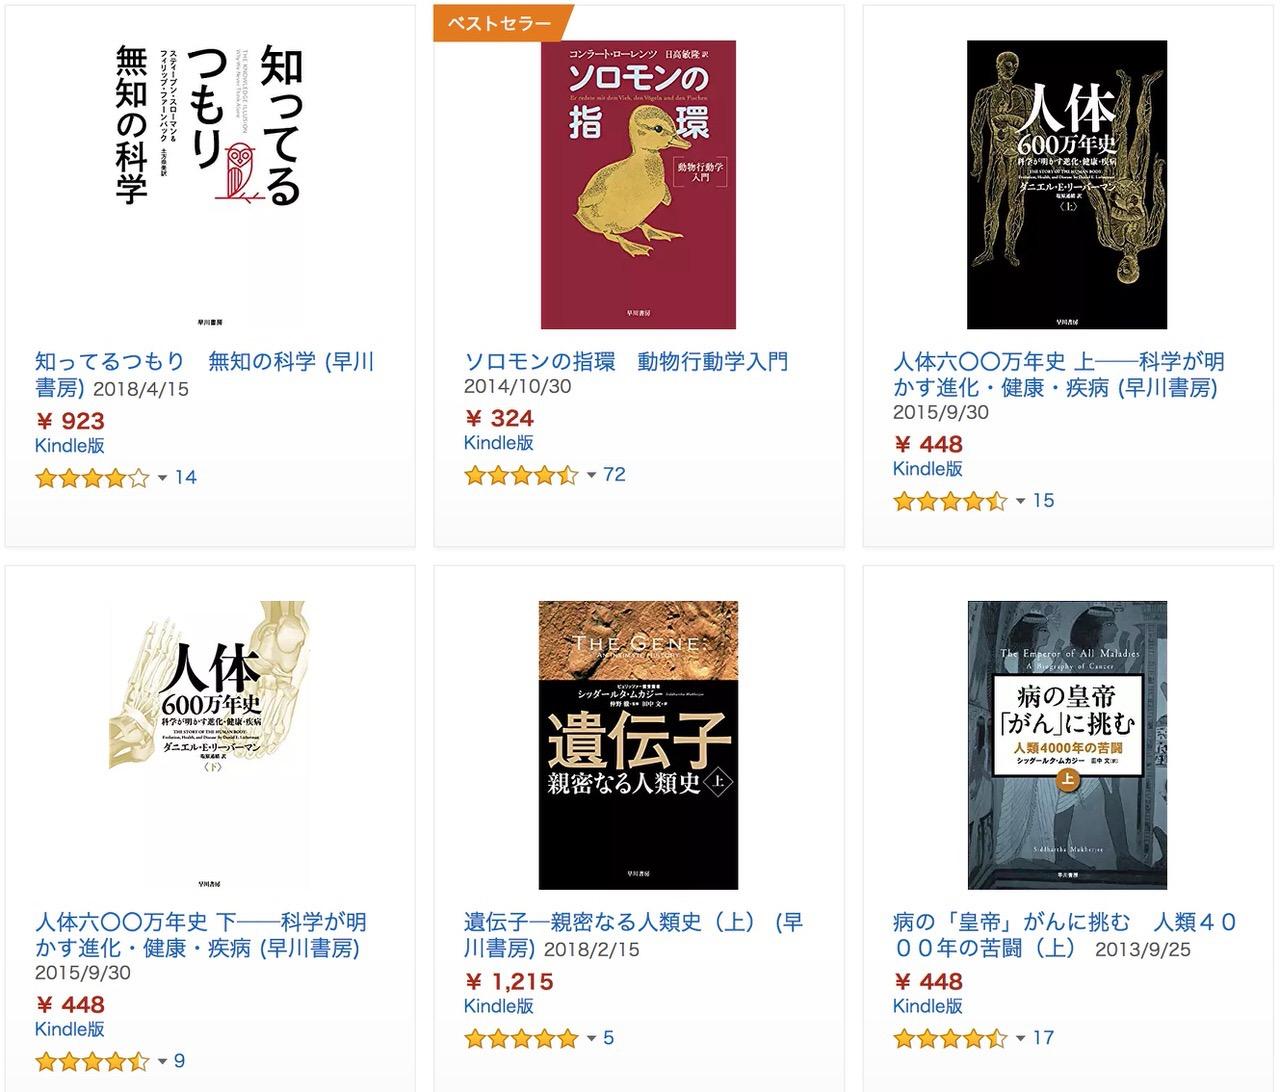 【Kindleセール】最大50%OFF!文系も楽しめる早川書房の「サイエンス」(8/30まで)